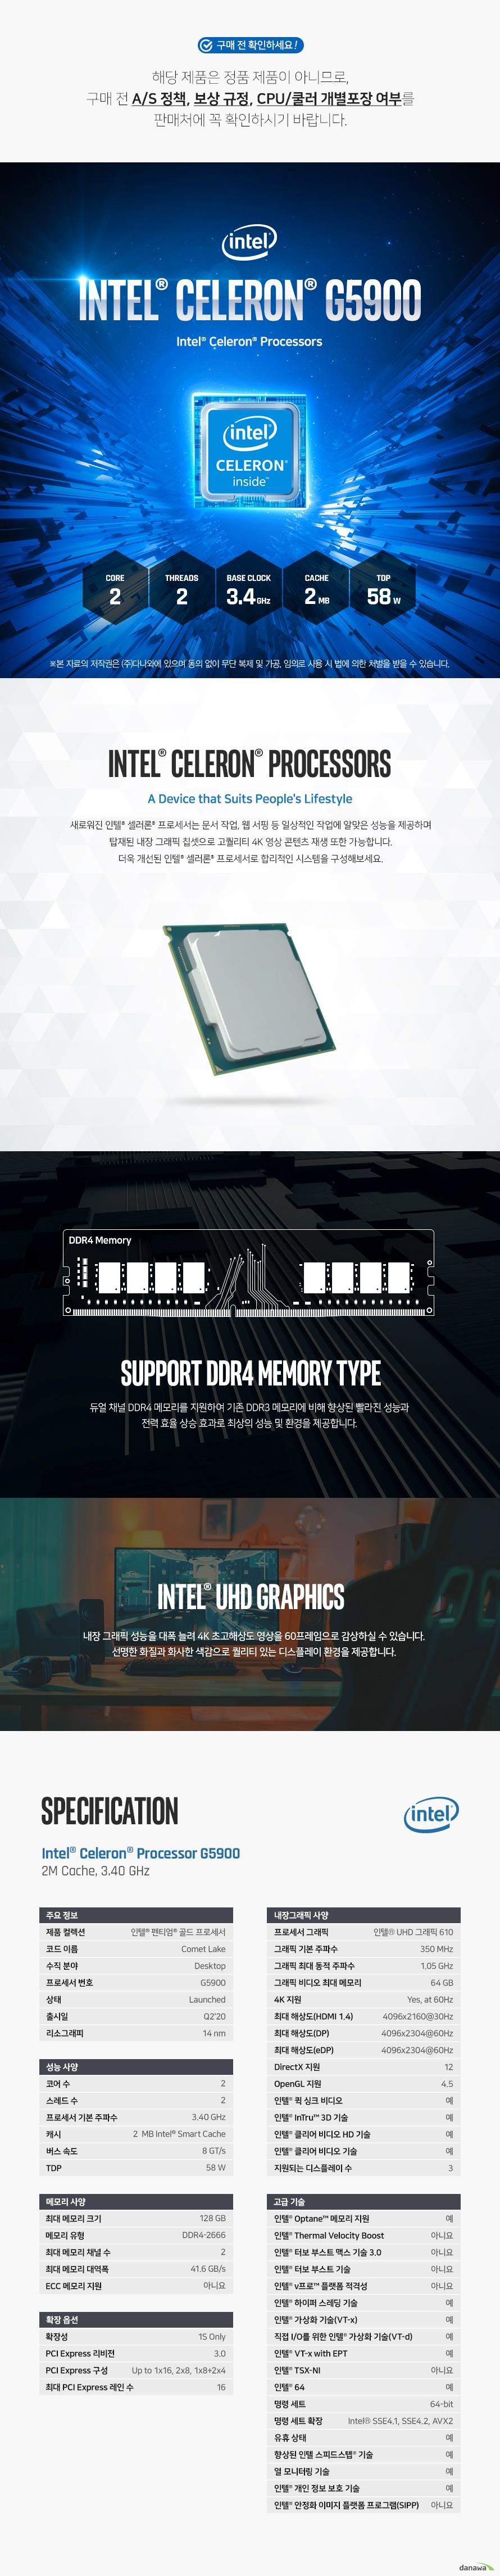 새로워진 인텔 펜티엄 골드 프로세서는 문서 작업, 웹 서핑 등 일상적인 작업에 알맞은 성능을 제공하며 탑재된 내장 그래픽 칩셋으로 고퀄리티 4K 영상 콘텐츠 재생 또한 가능합니다. 더욱 개선된 인텔 펜티엄 골드 프로세서로 합리적인 시스템을 구성해보세요.  듀얼 채널 DDR4 메모리를 지원하여 기존 DDR3 메모리에 비해 향상된 빨라진 성능과 전력 효율 상승 효과로 최상의 성능 및 환경을 제공합니다.  내장 그래픽 성능을 대폭 늘려 4K 초고해상도 영상을 60프레임으로 감상하실 수 있습니다.  선명한 화질과 화사한 색감으로 퀄리티 있는 디스플레이 환경을 제공합니다.